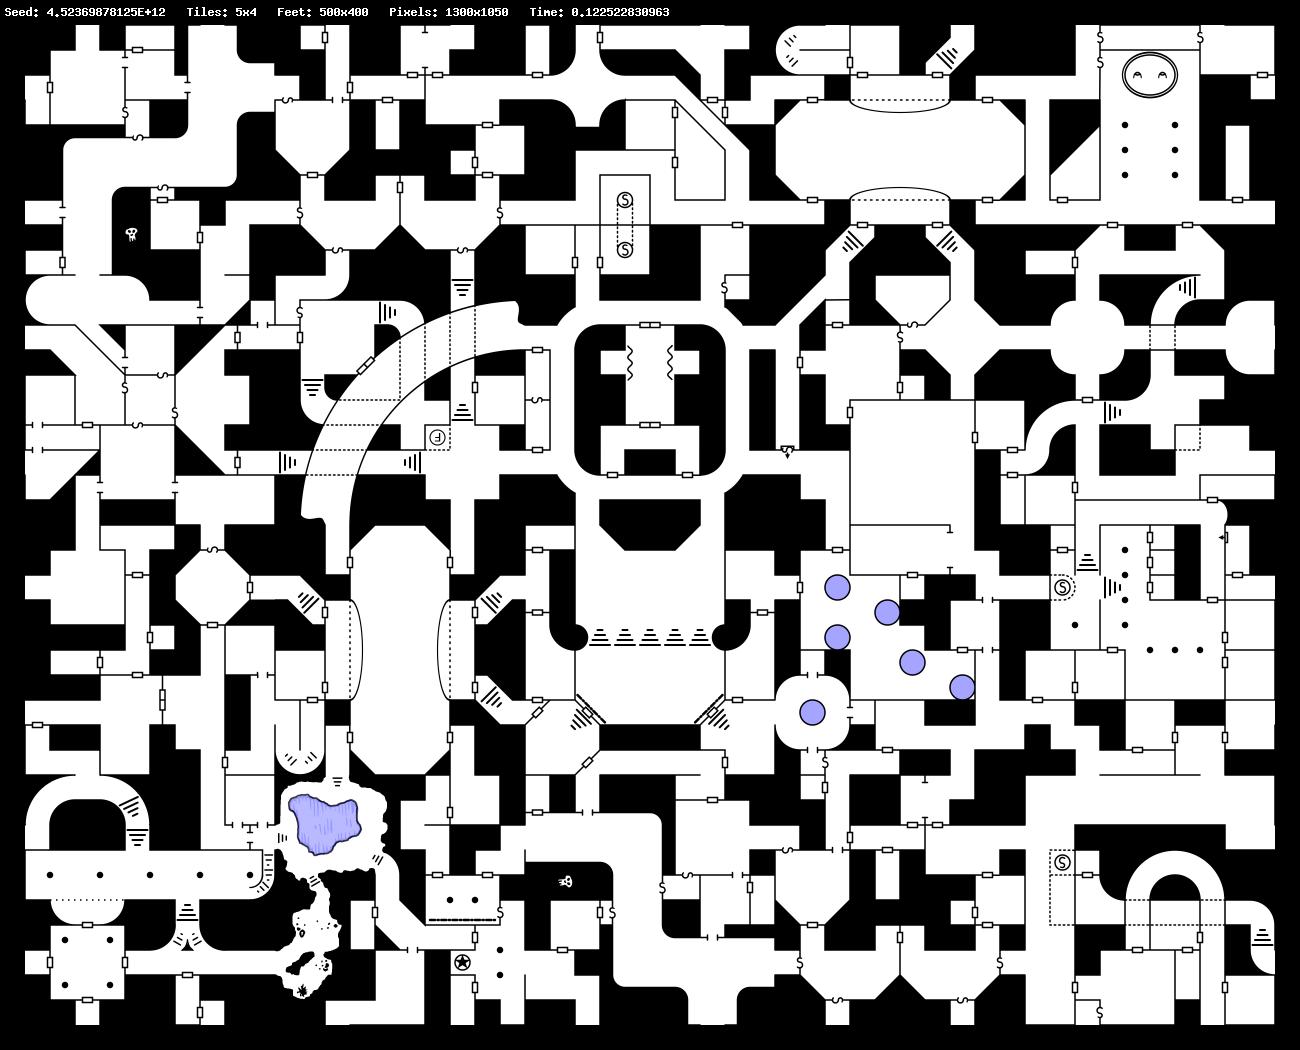 Carjacked Seraphim: Random Geomorphic Dungeon Map Generator